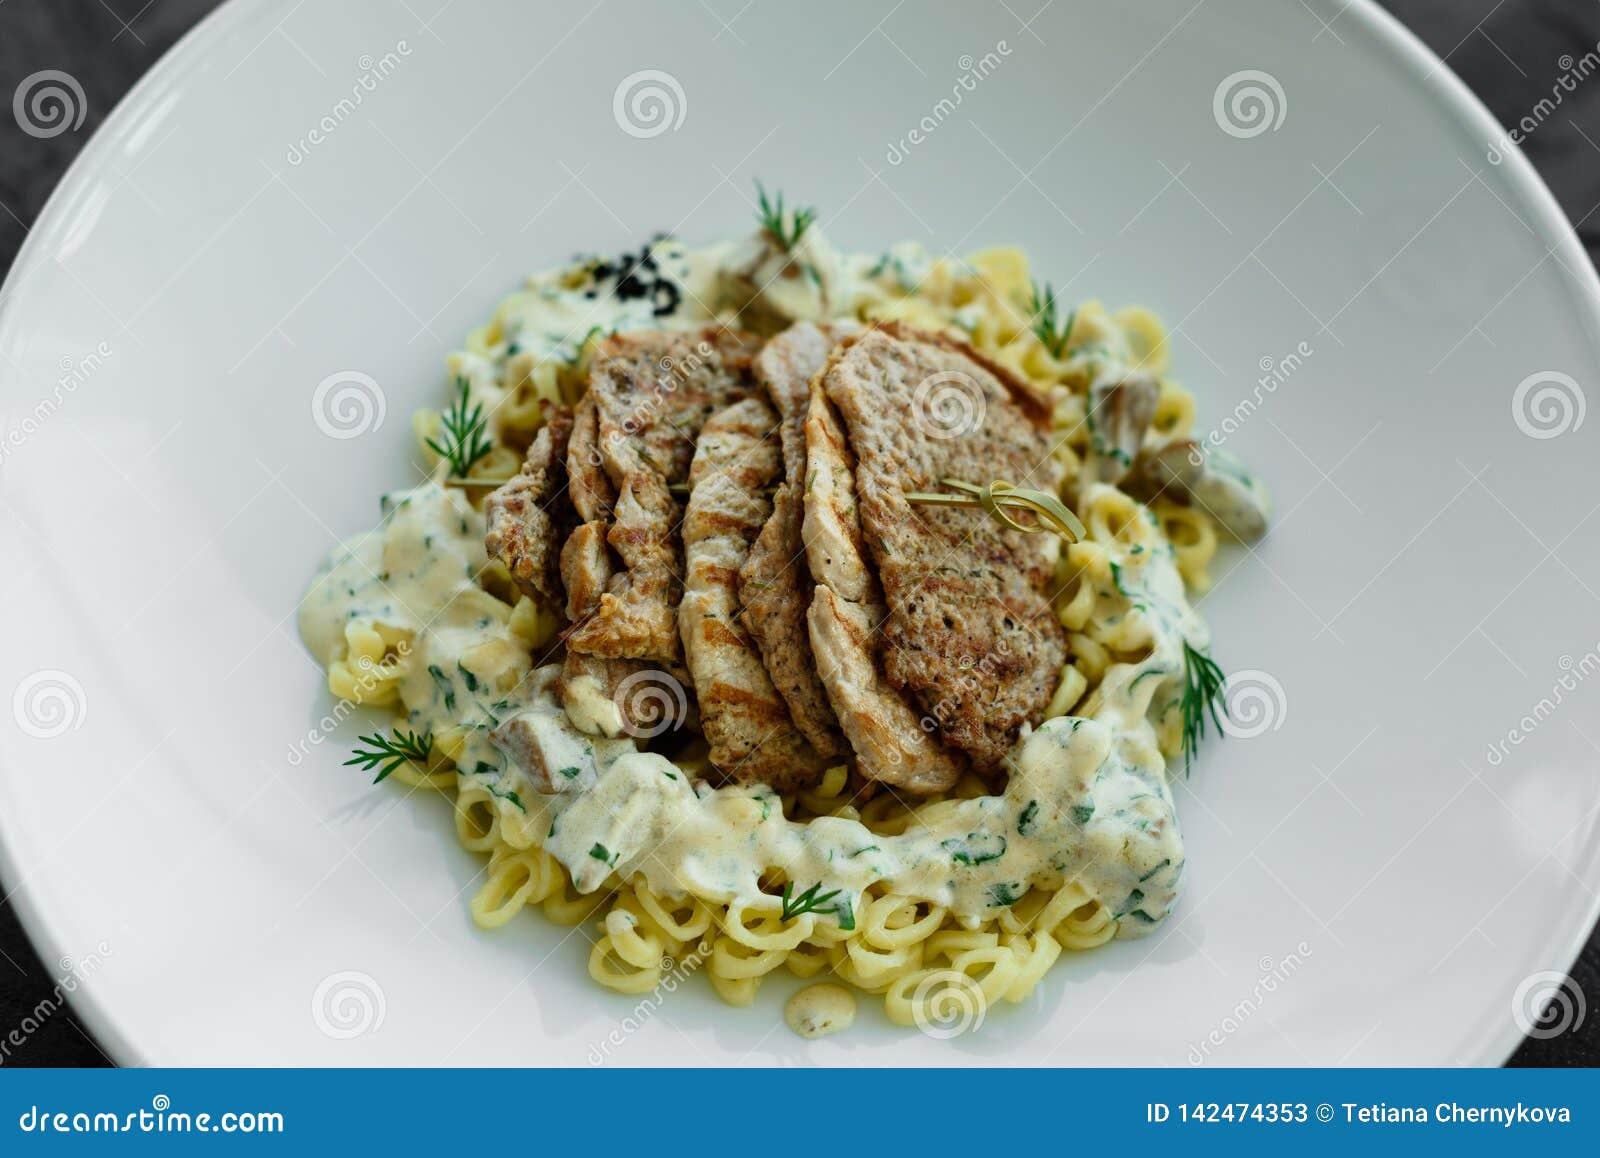 Schotel met vleesstukken, deegwaren, greens en saus van een foiegras